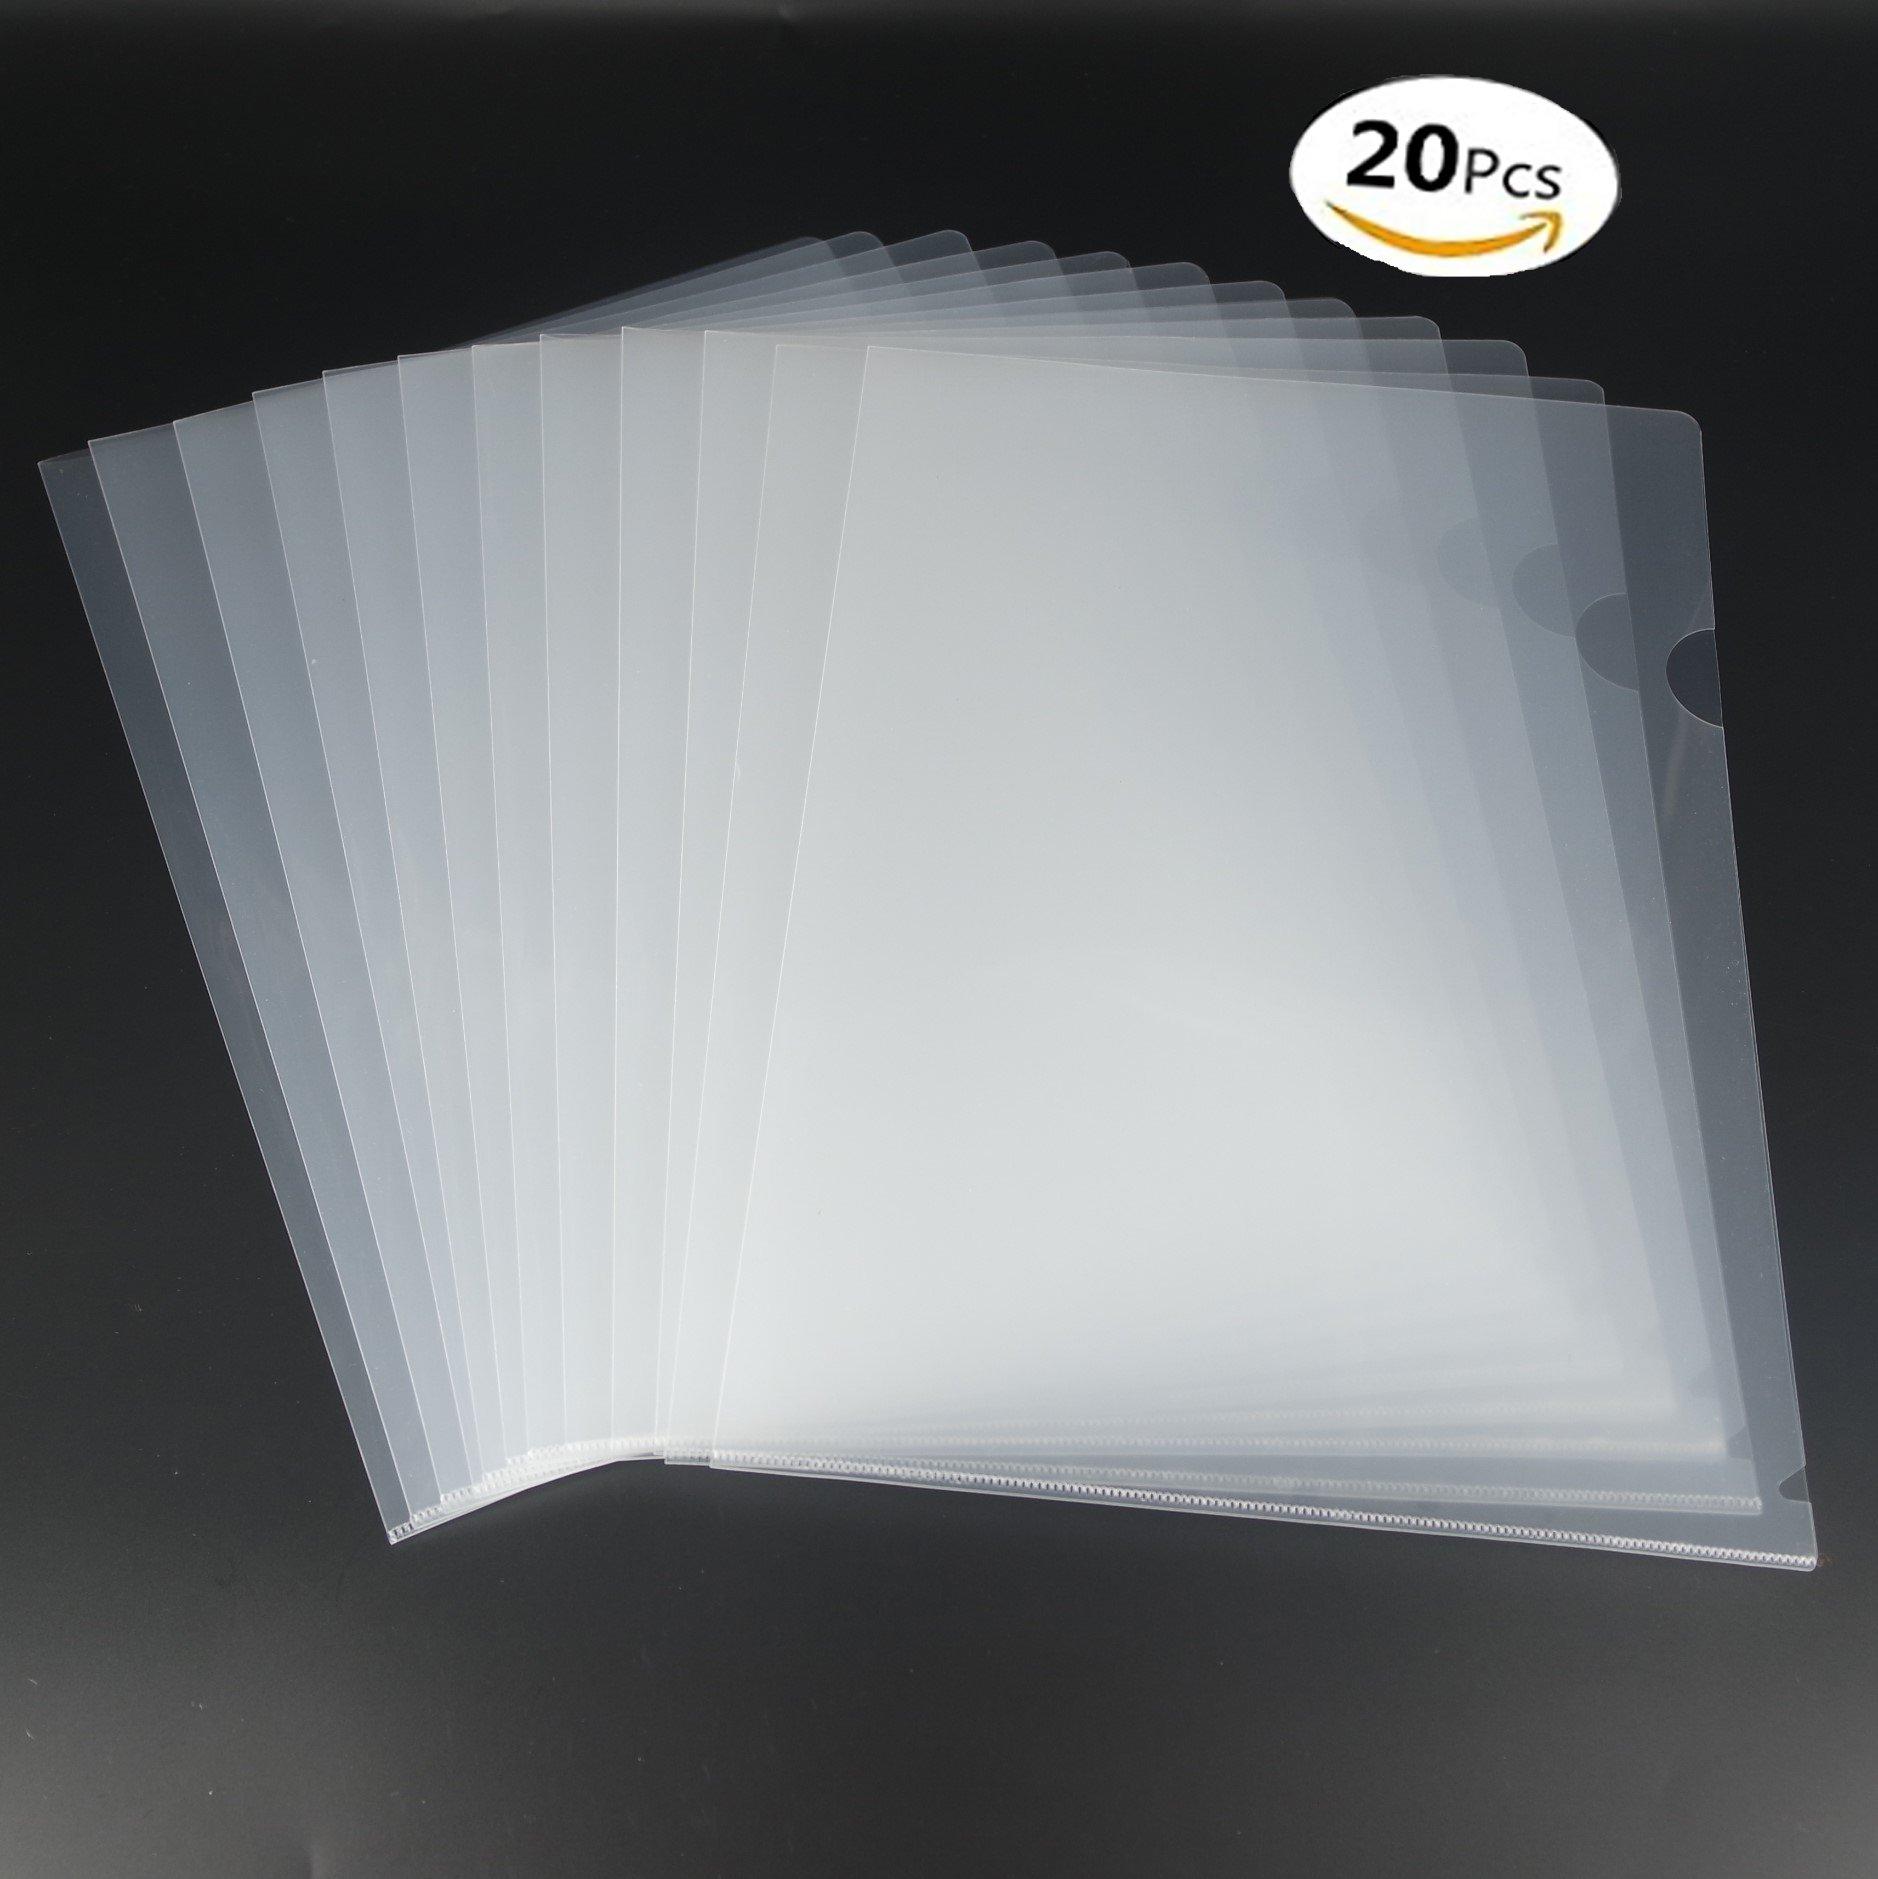 Juego de 20 portafolios de plástico transparente tamaño A4, parte superior y lateral abiertos.